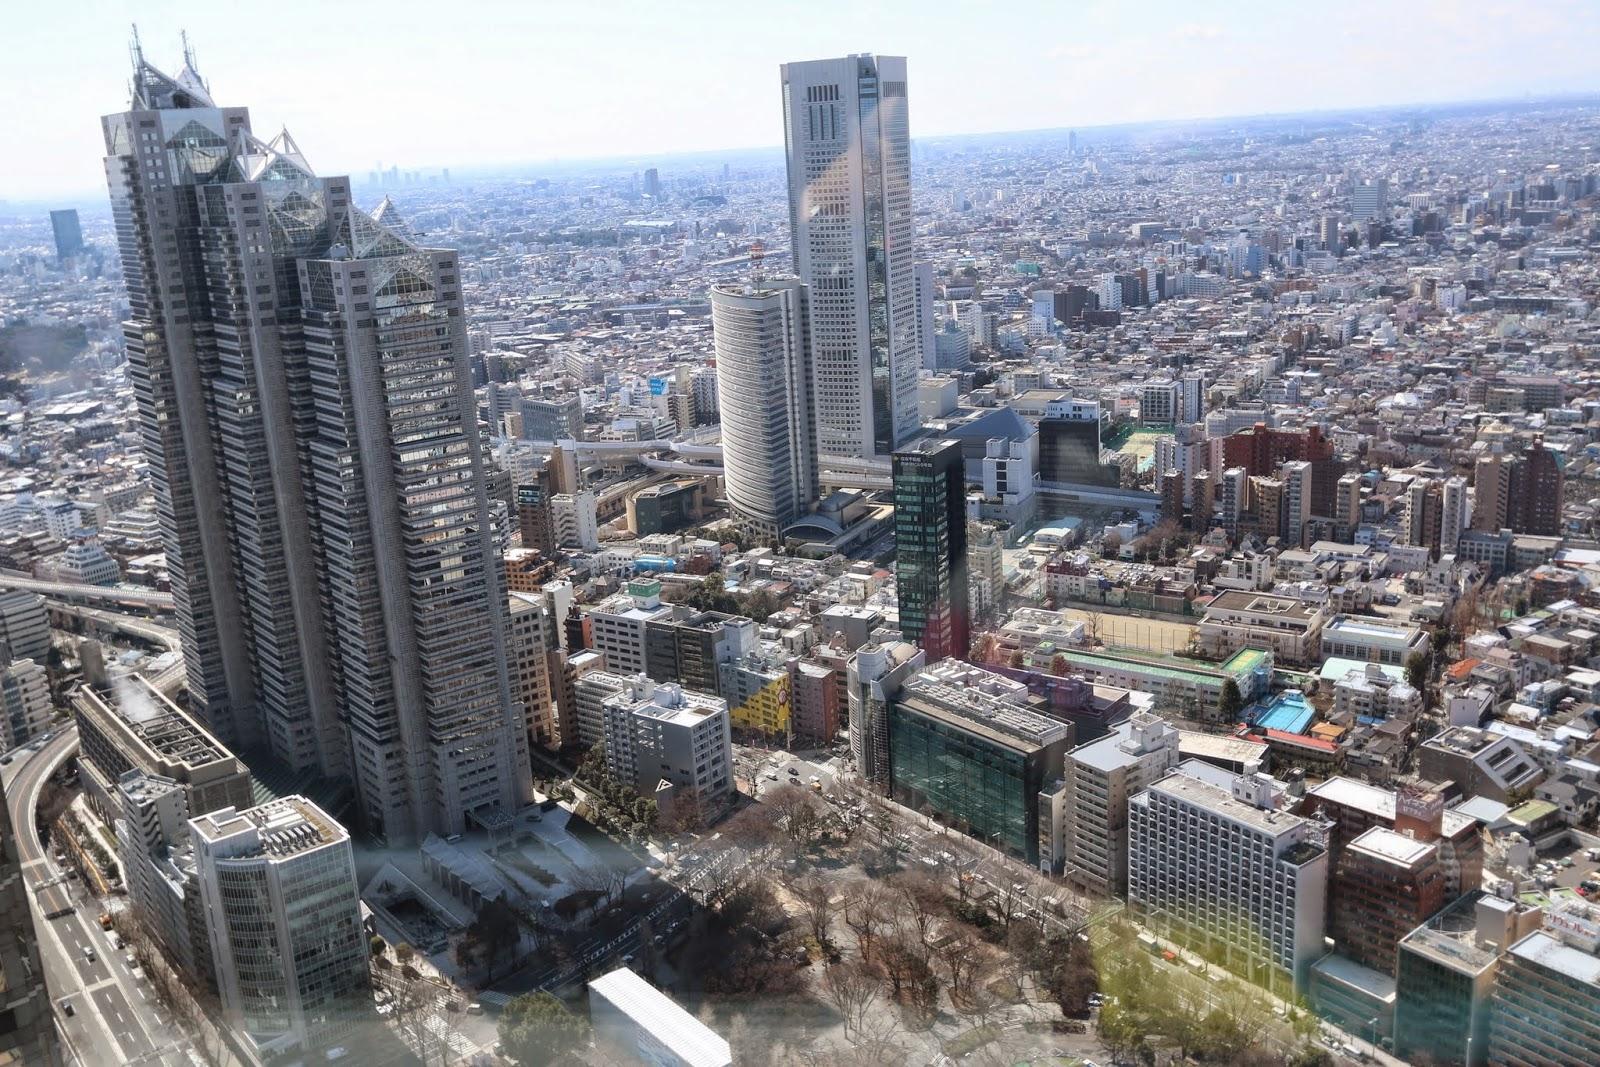 Shinjuku Park Tower and Tokyo Opera City Tower can be seen at observation deck, Tokyo Metropolitan Government Building in Shinjuku, Tokyo